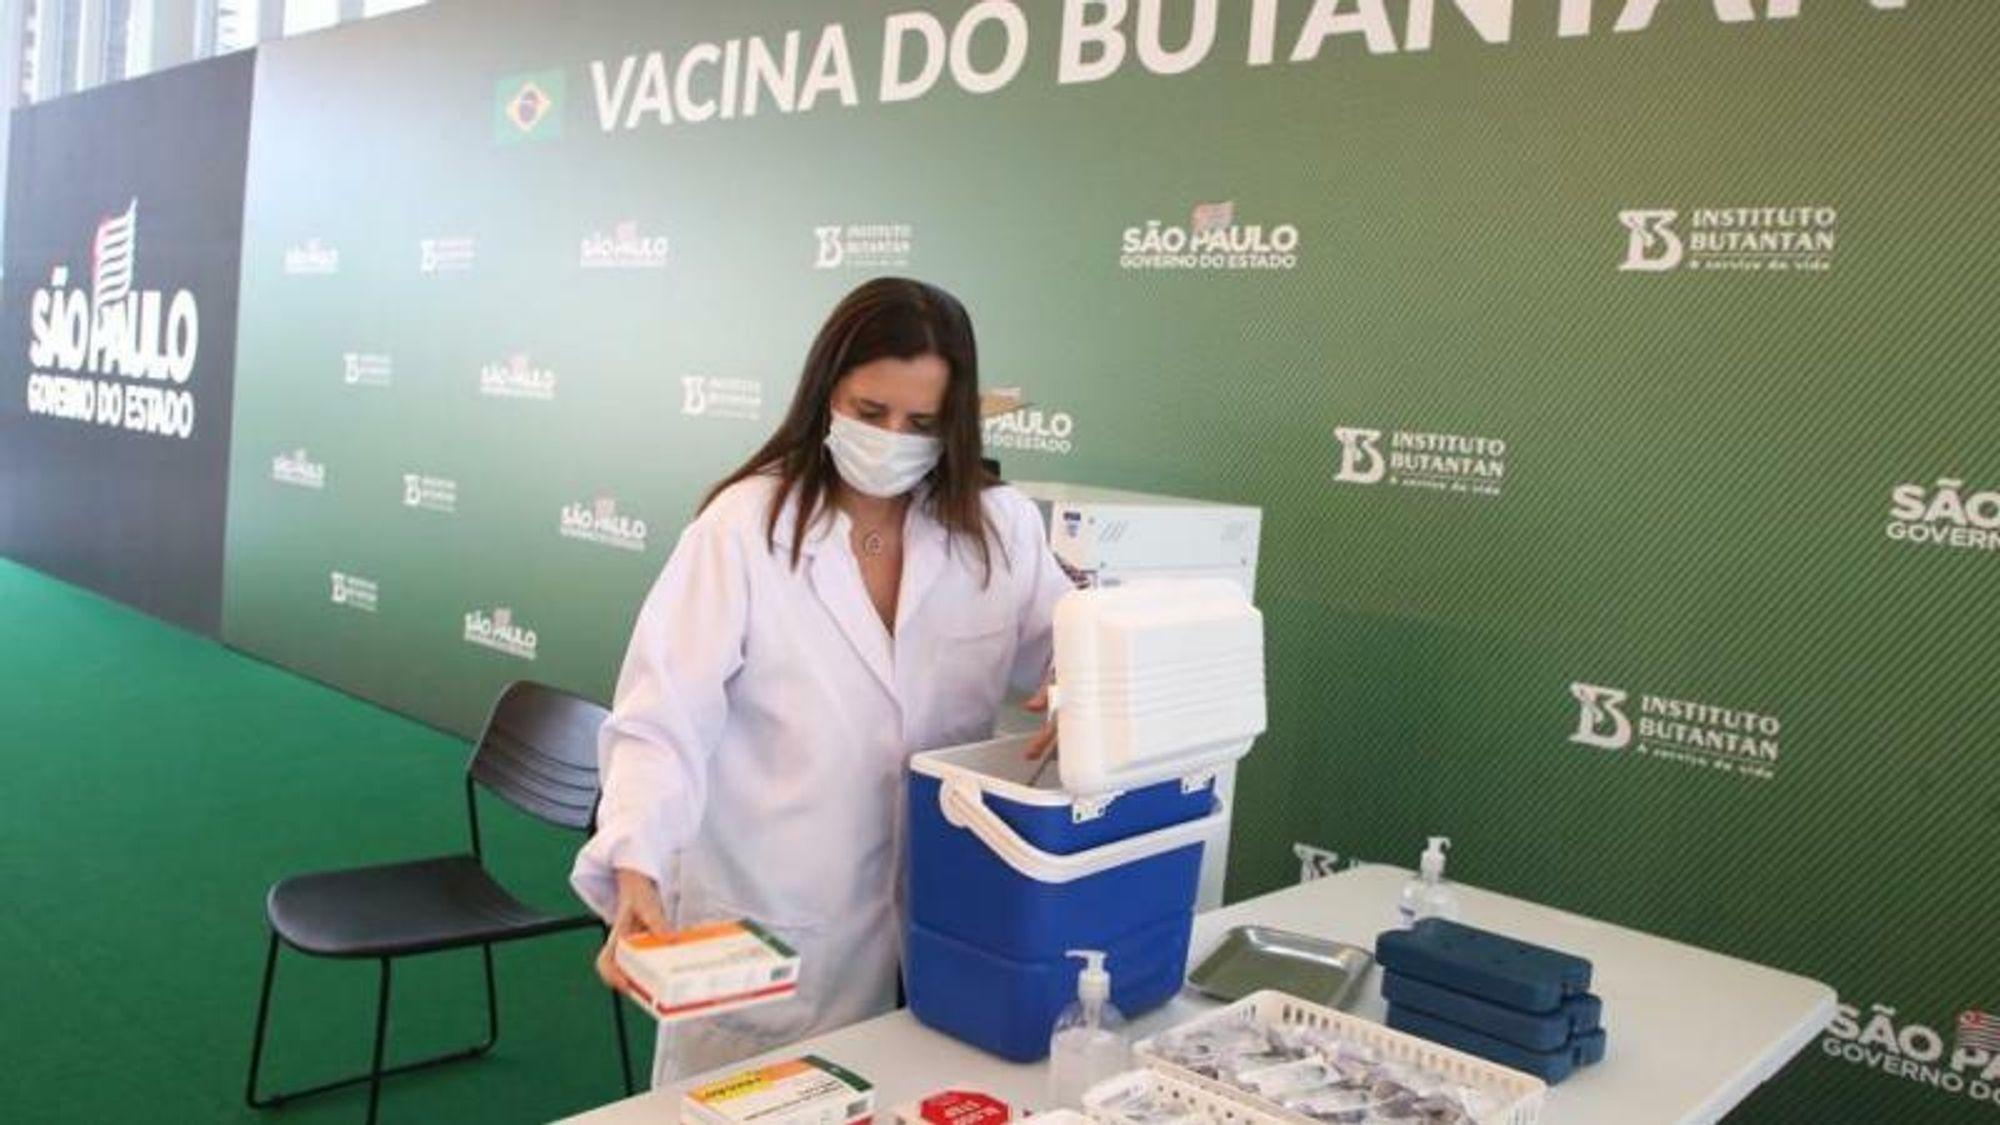 En rekke brasilianske forskere har undersøkt hvordan en 29 år gammel brasilianer ble smittet med Covid-19.